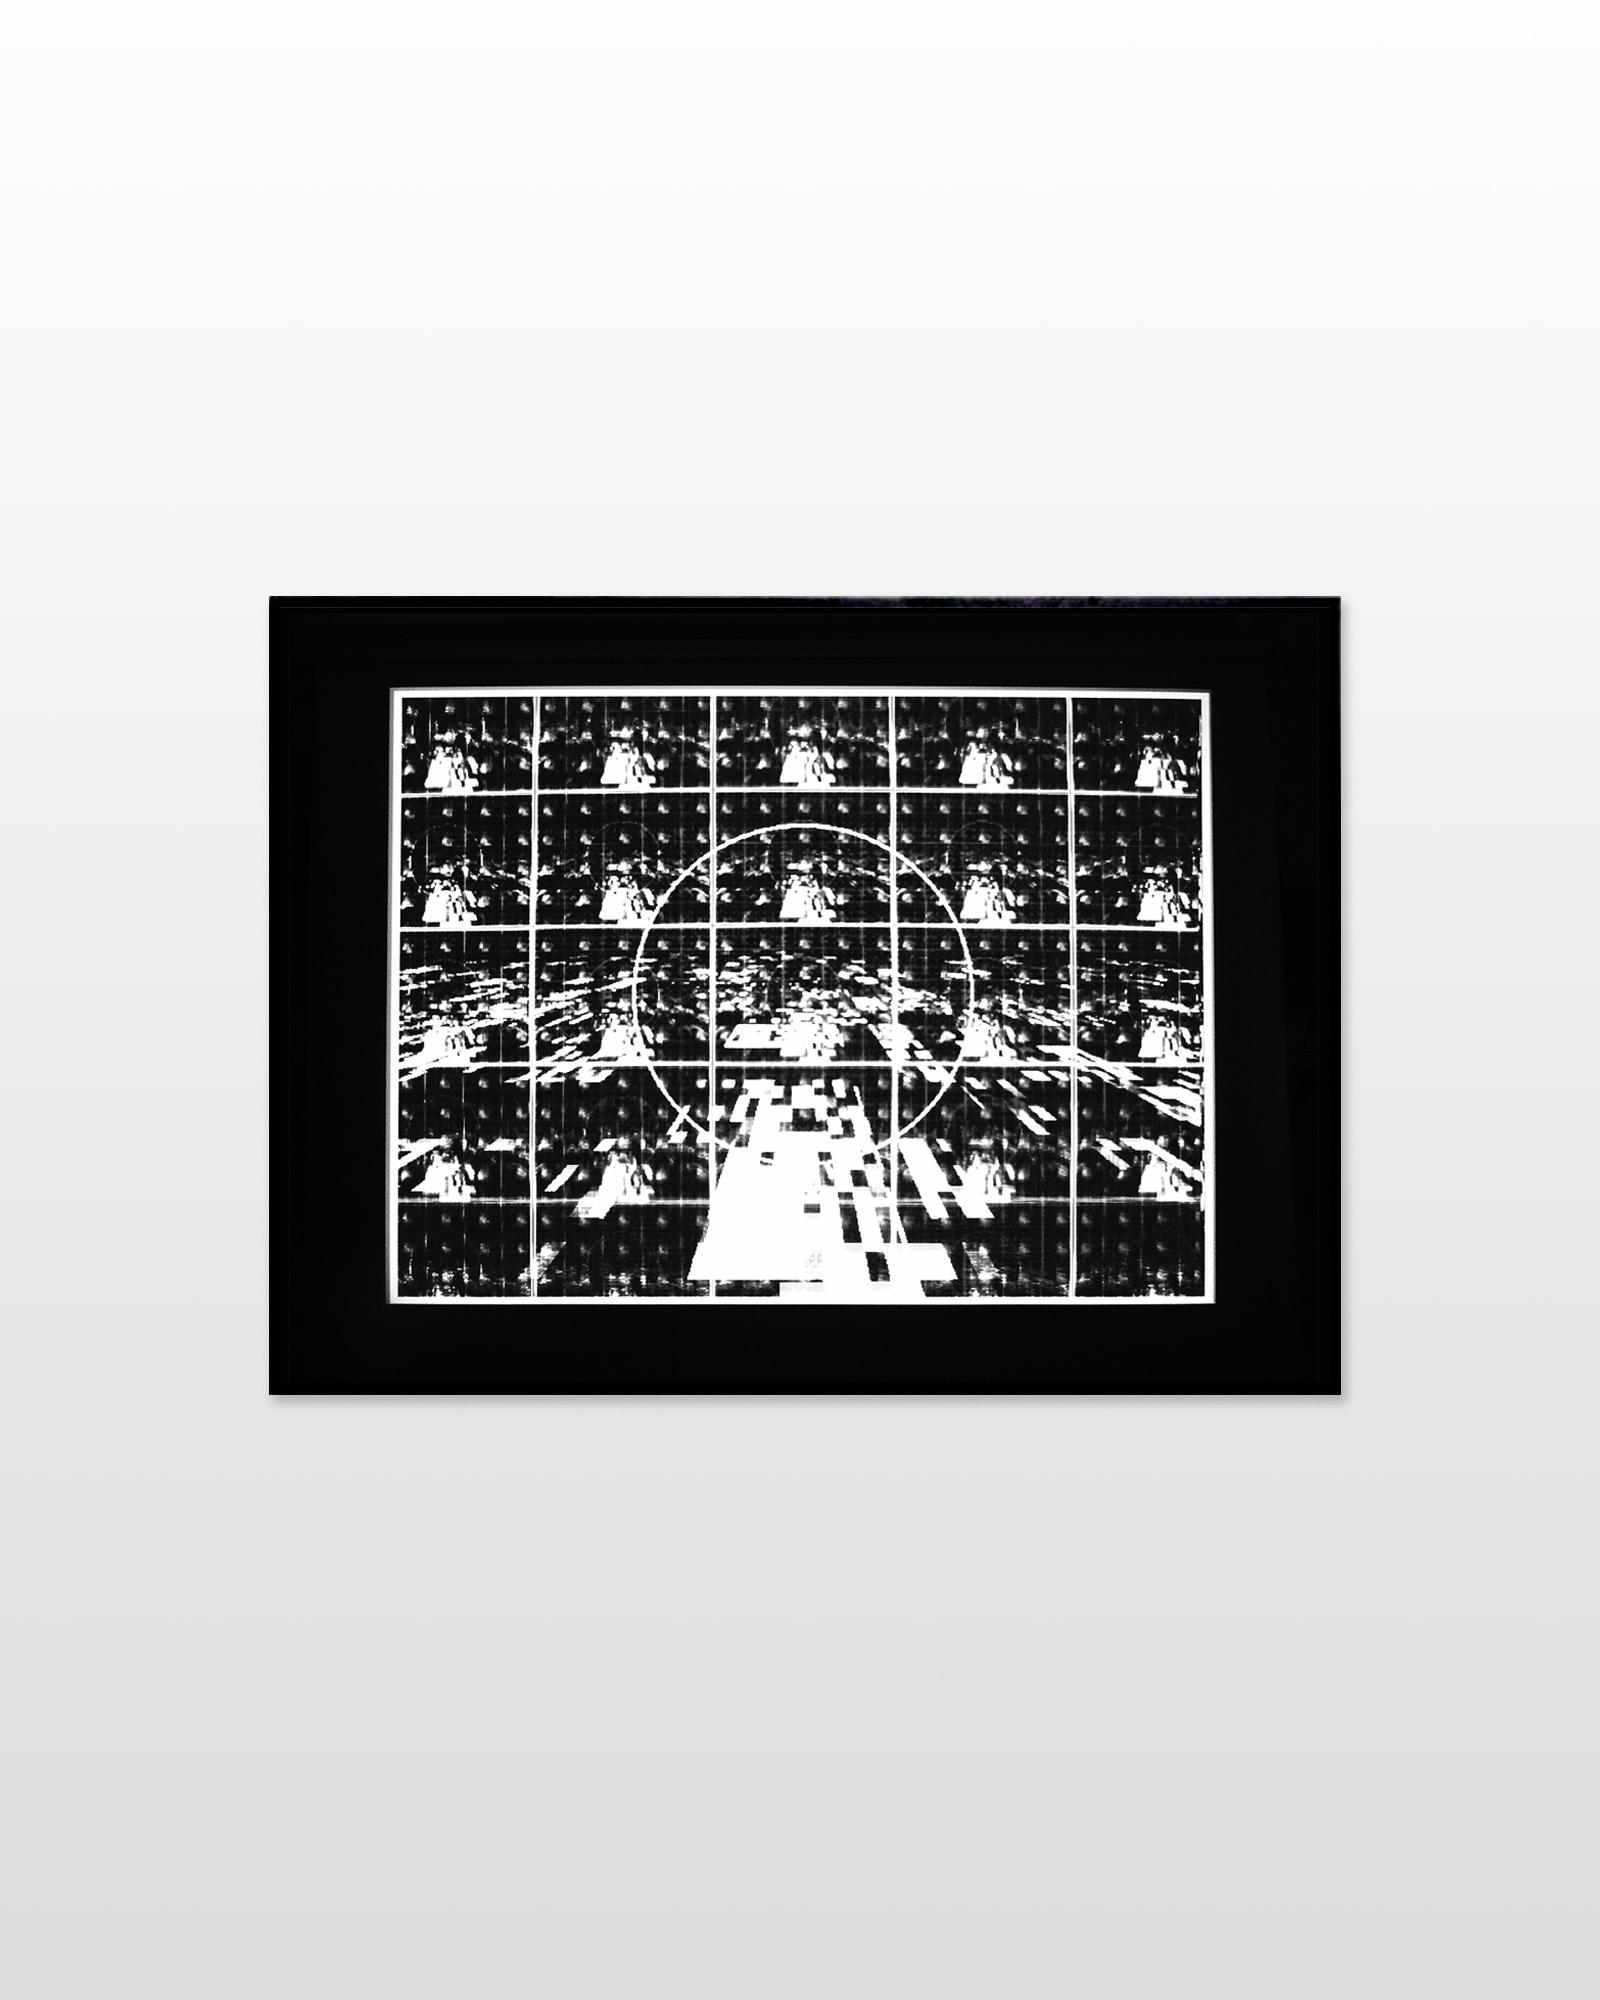 plakater-posters-kunsttryk, fotografier, giclee-tryk, new-media, abstrakte, geometriske, minimalistiske, monokrome, arkitektur, bevægelse, mønstre, videnskab, teknologi, sorte, grå, hvide, papir, fotos, abstrakte-former, arkitektoniske, sort-hvide, samtidskunst, terninger, dansk, design, interiør, bolig-indretning, moderne, moderne-kunst, nordisk, det-ydre-rum, plakater, rum, skandinavisk, Køb original kunst og kunstplakater. Malerier, tegninger, limited edition kunsttryk & plakater af dygtige kunstnere.